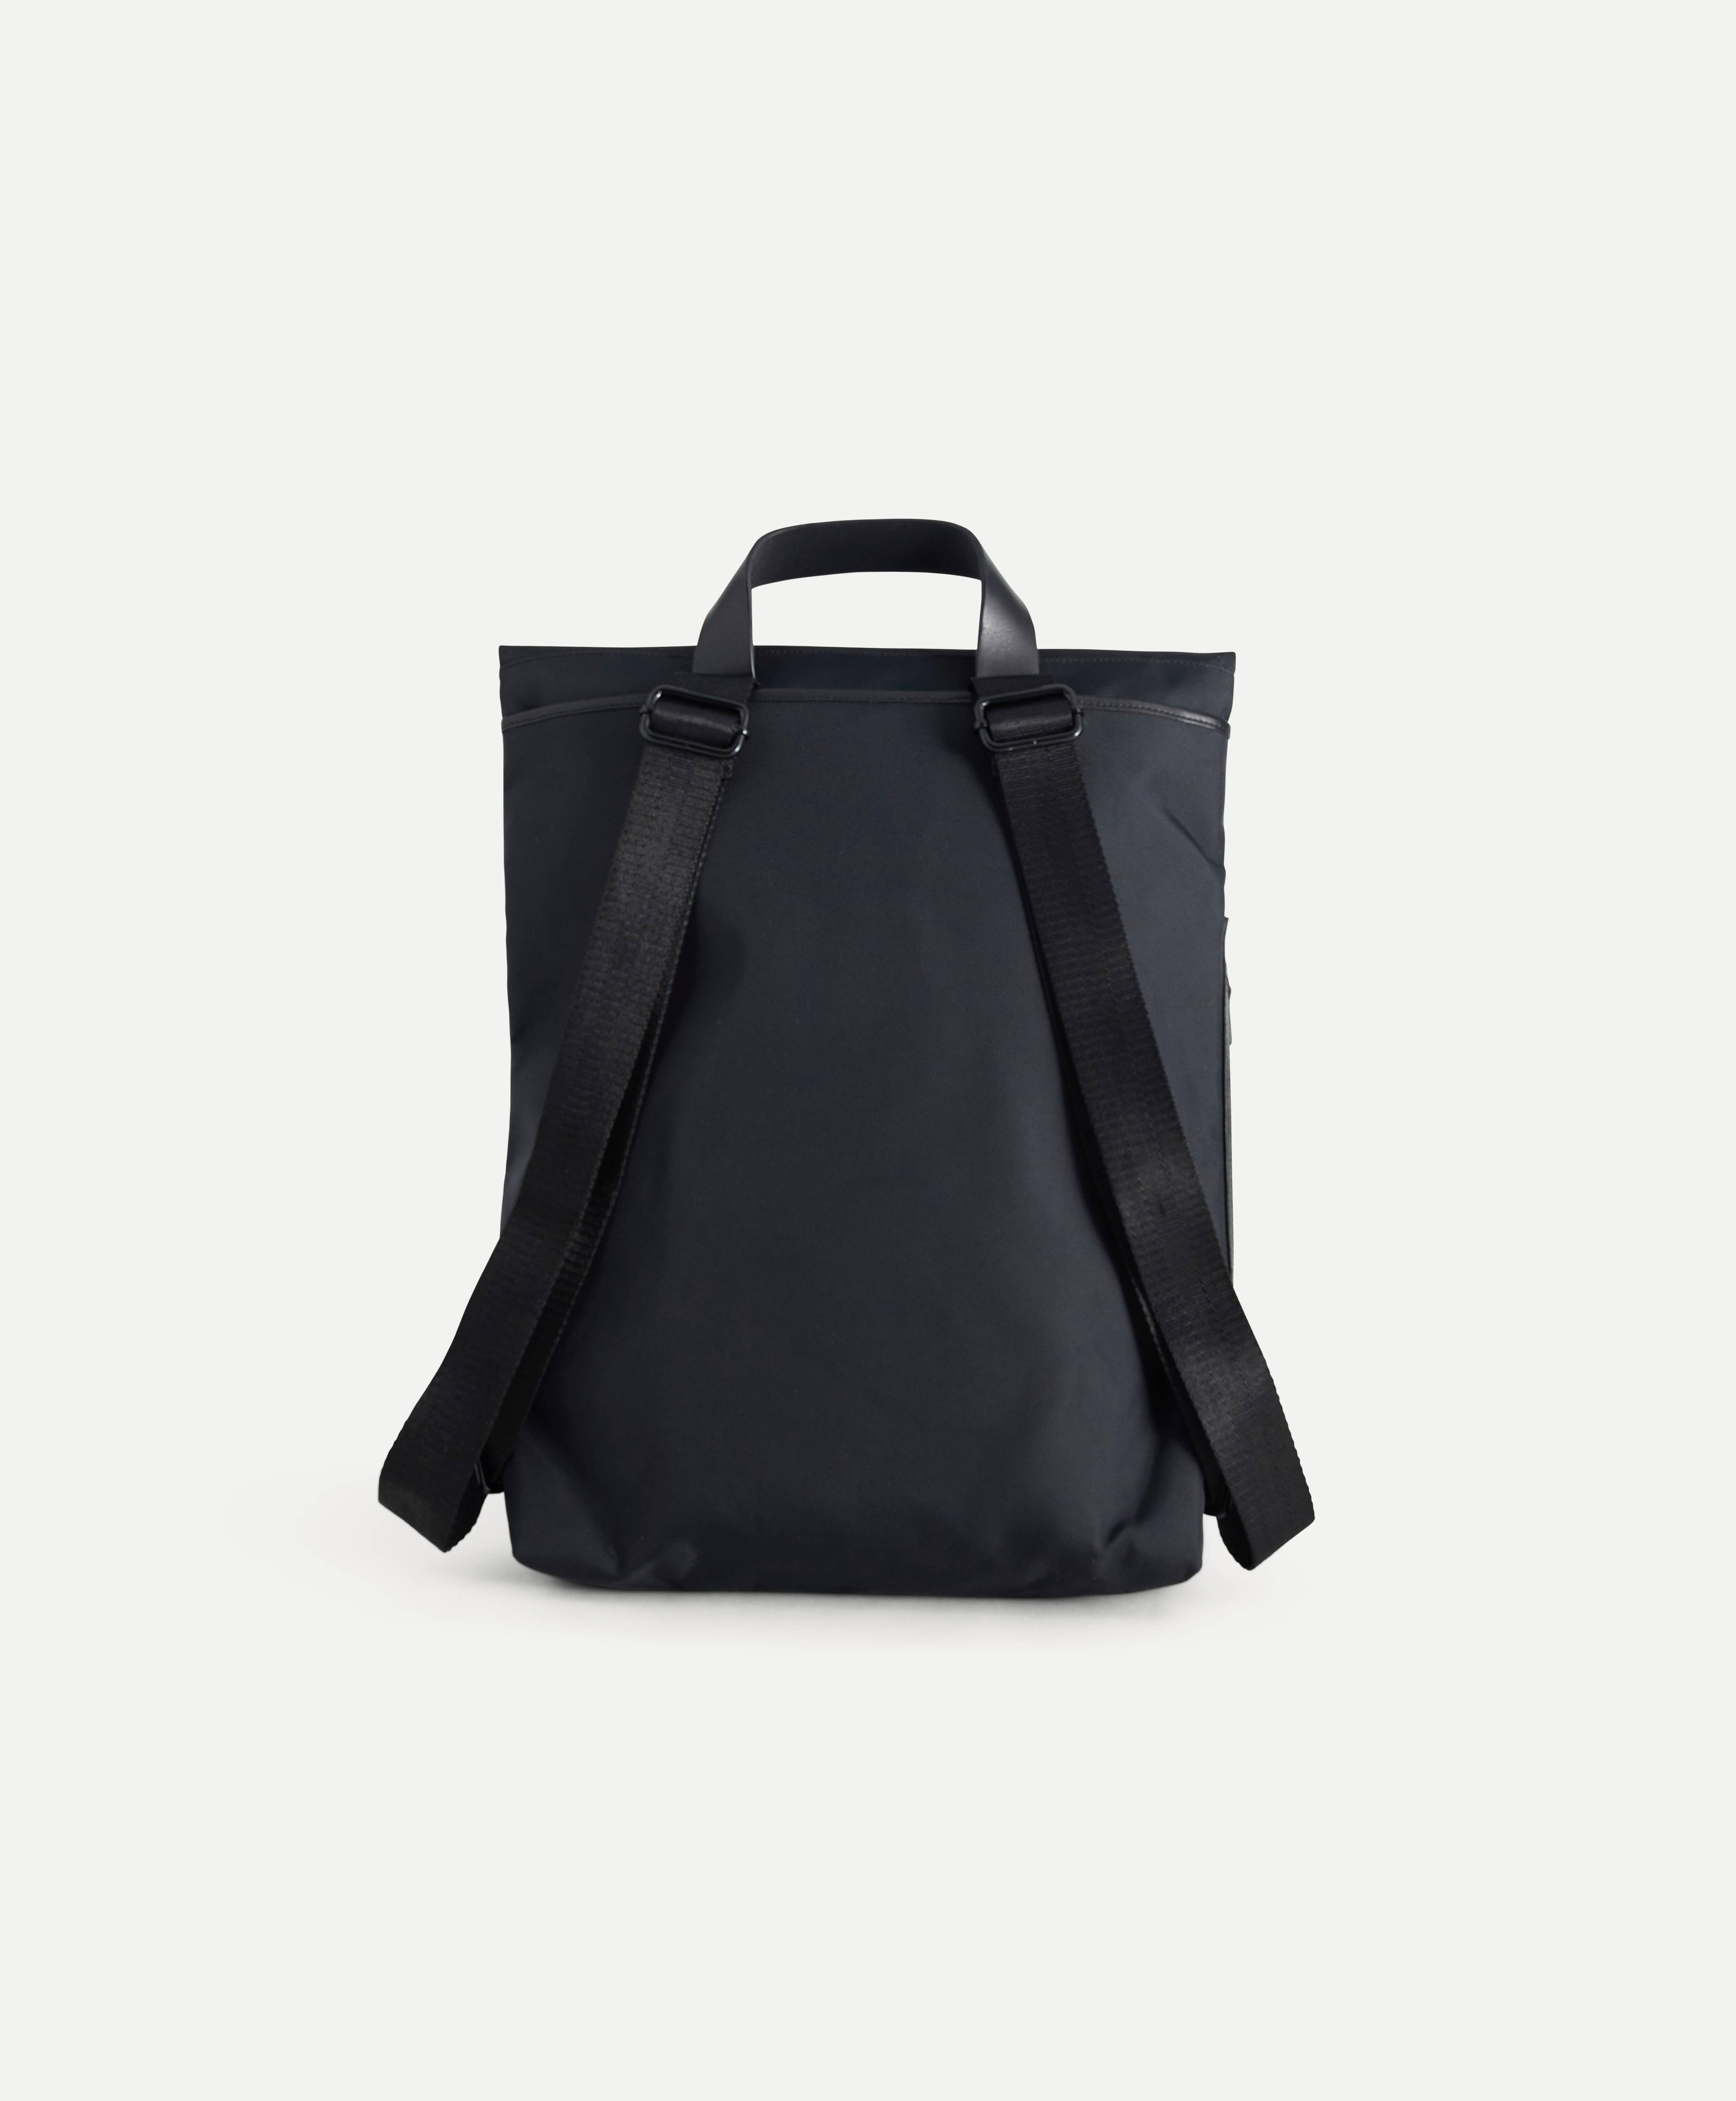 Vagabond Ryggsekk Amalfi Backpack Svart Accessories